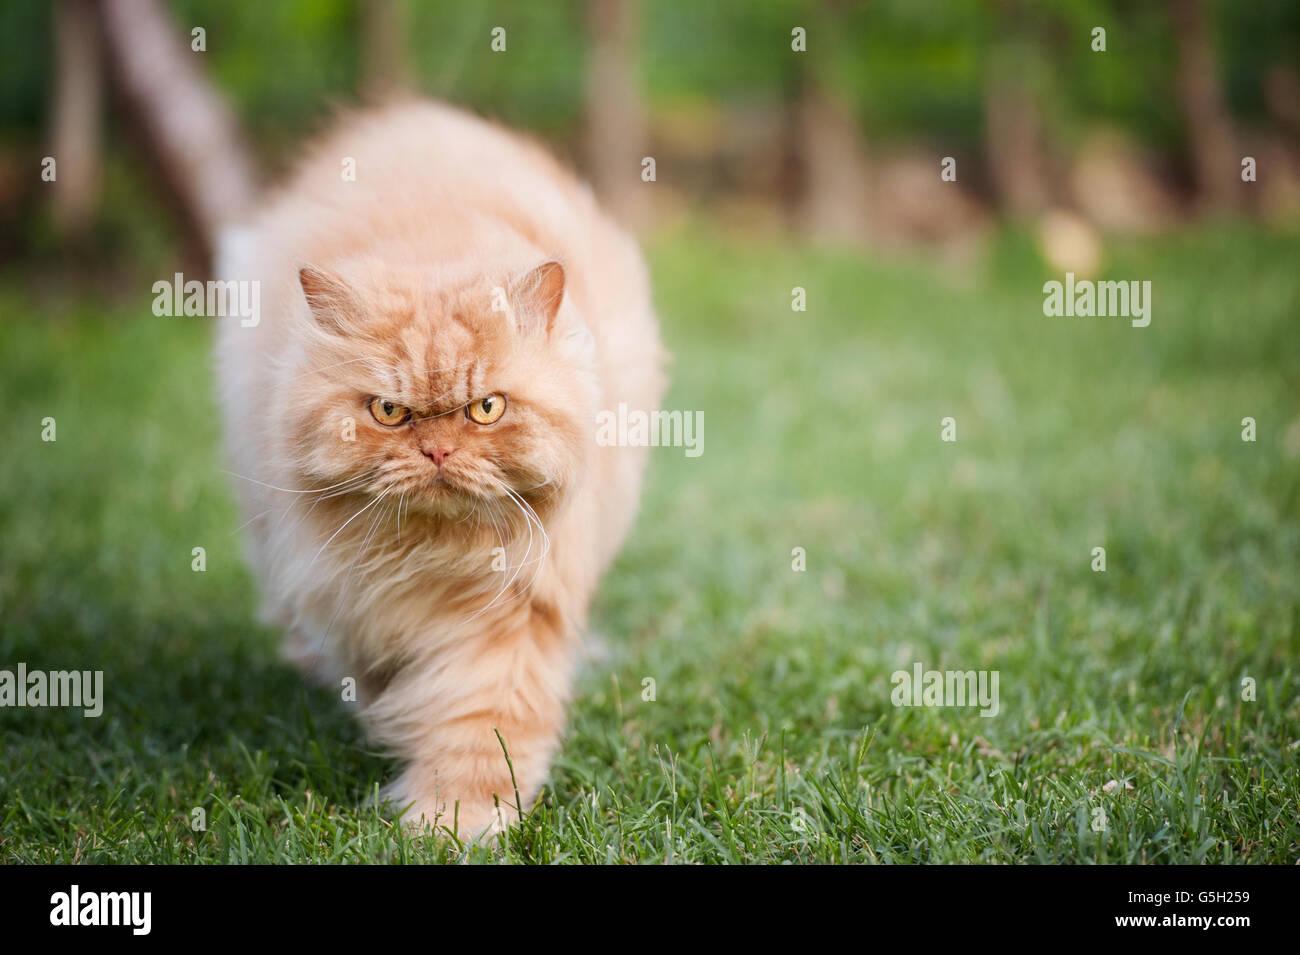 Arrabbiato gatto persiano a piedi Immagini Stock